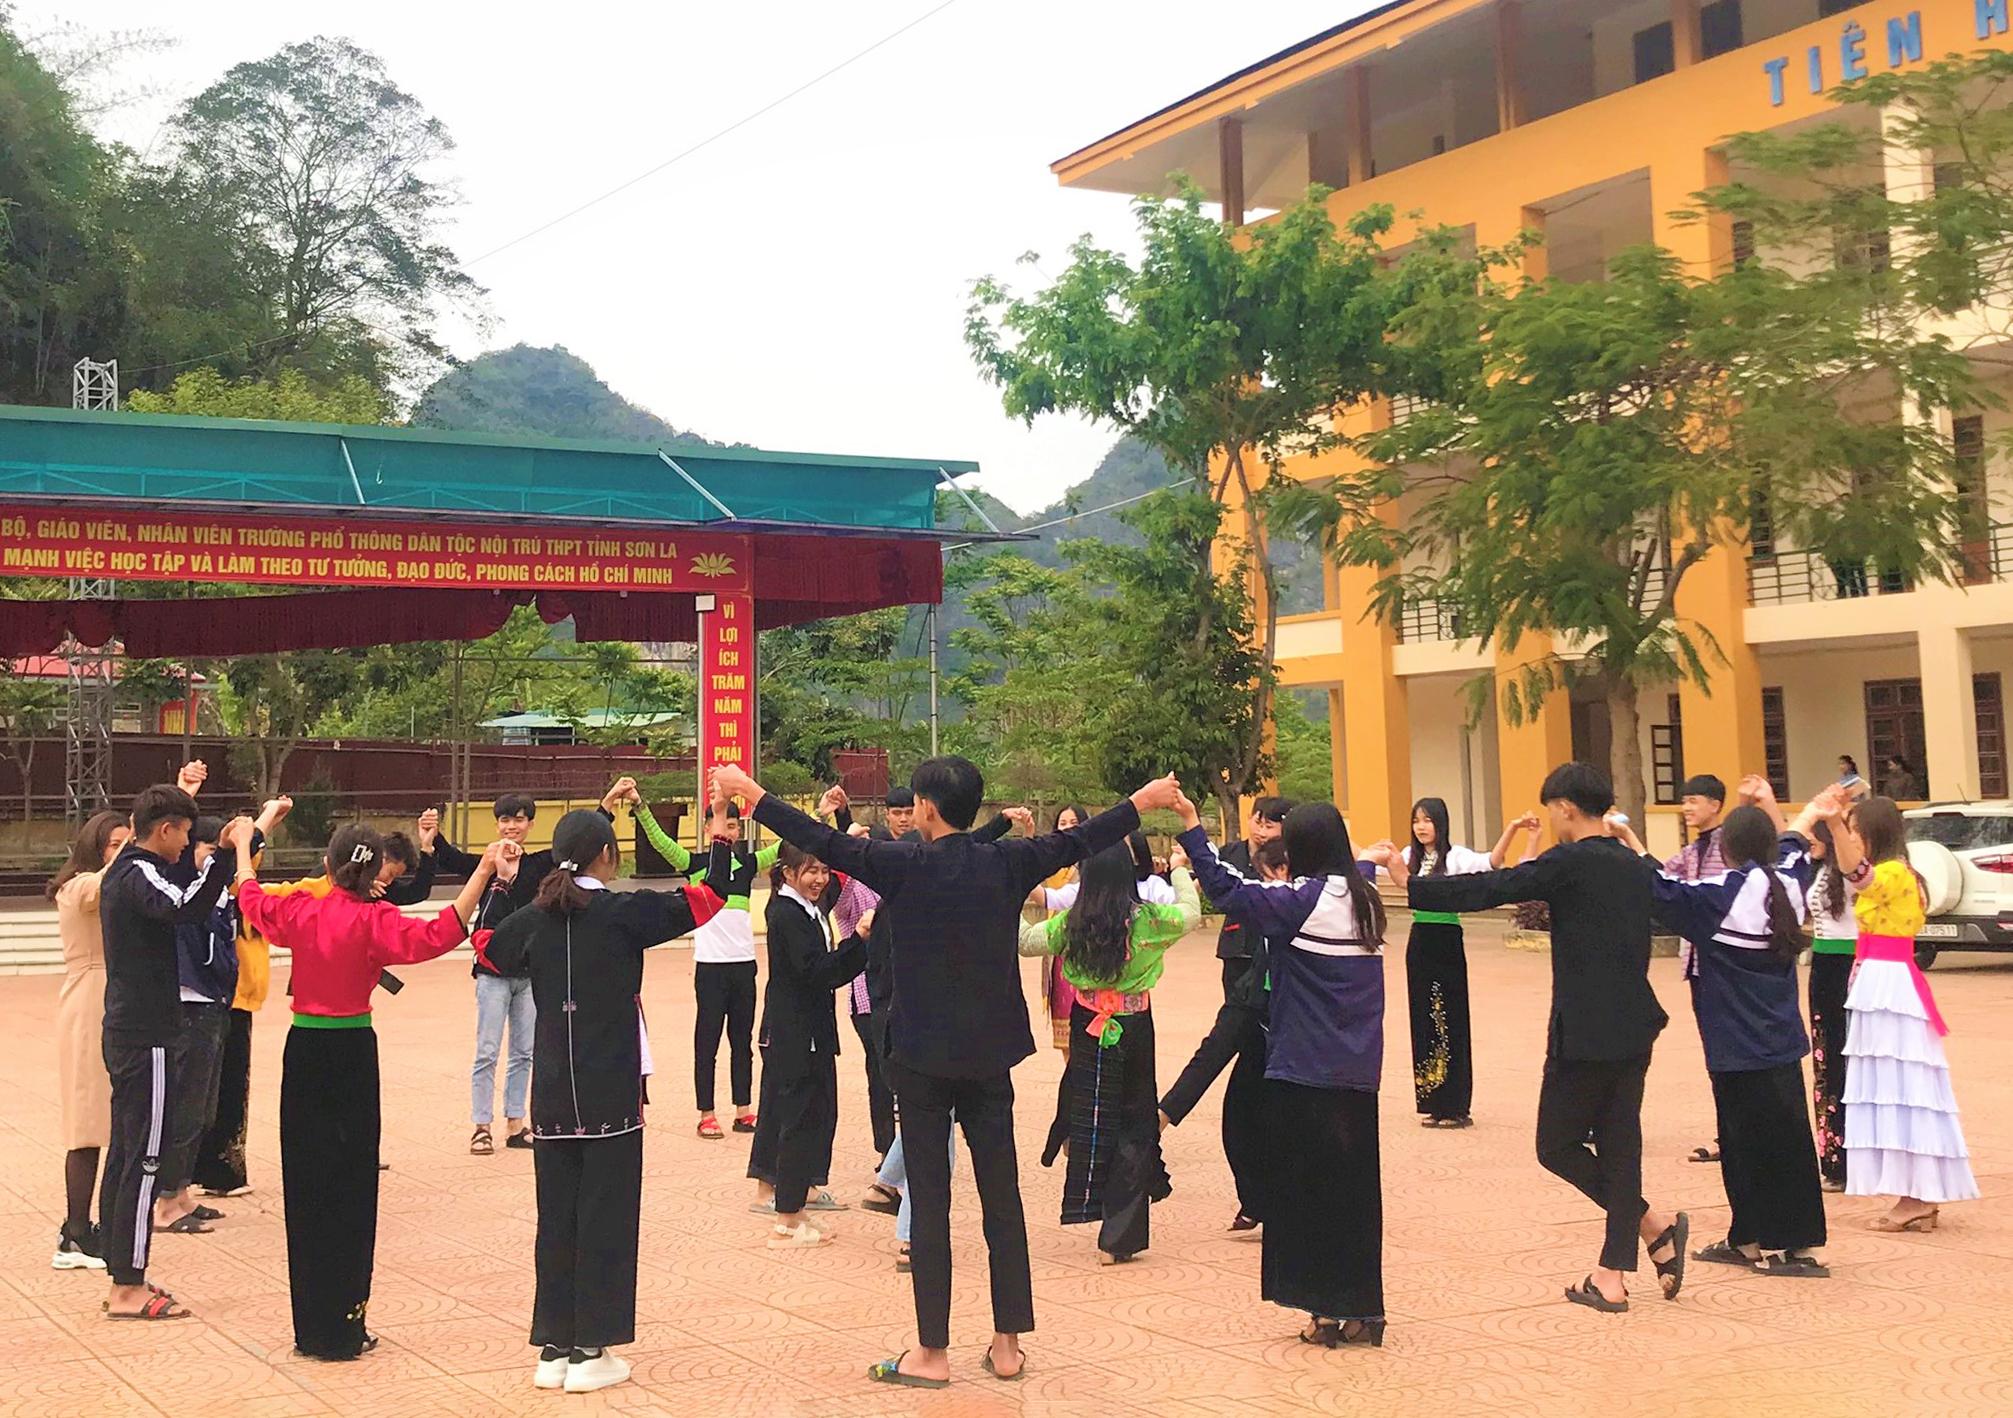 Học sinh trường PTDTNT tỉnh Sơn La trong giờ ngoại khoá